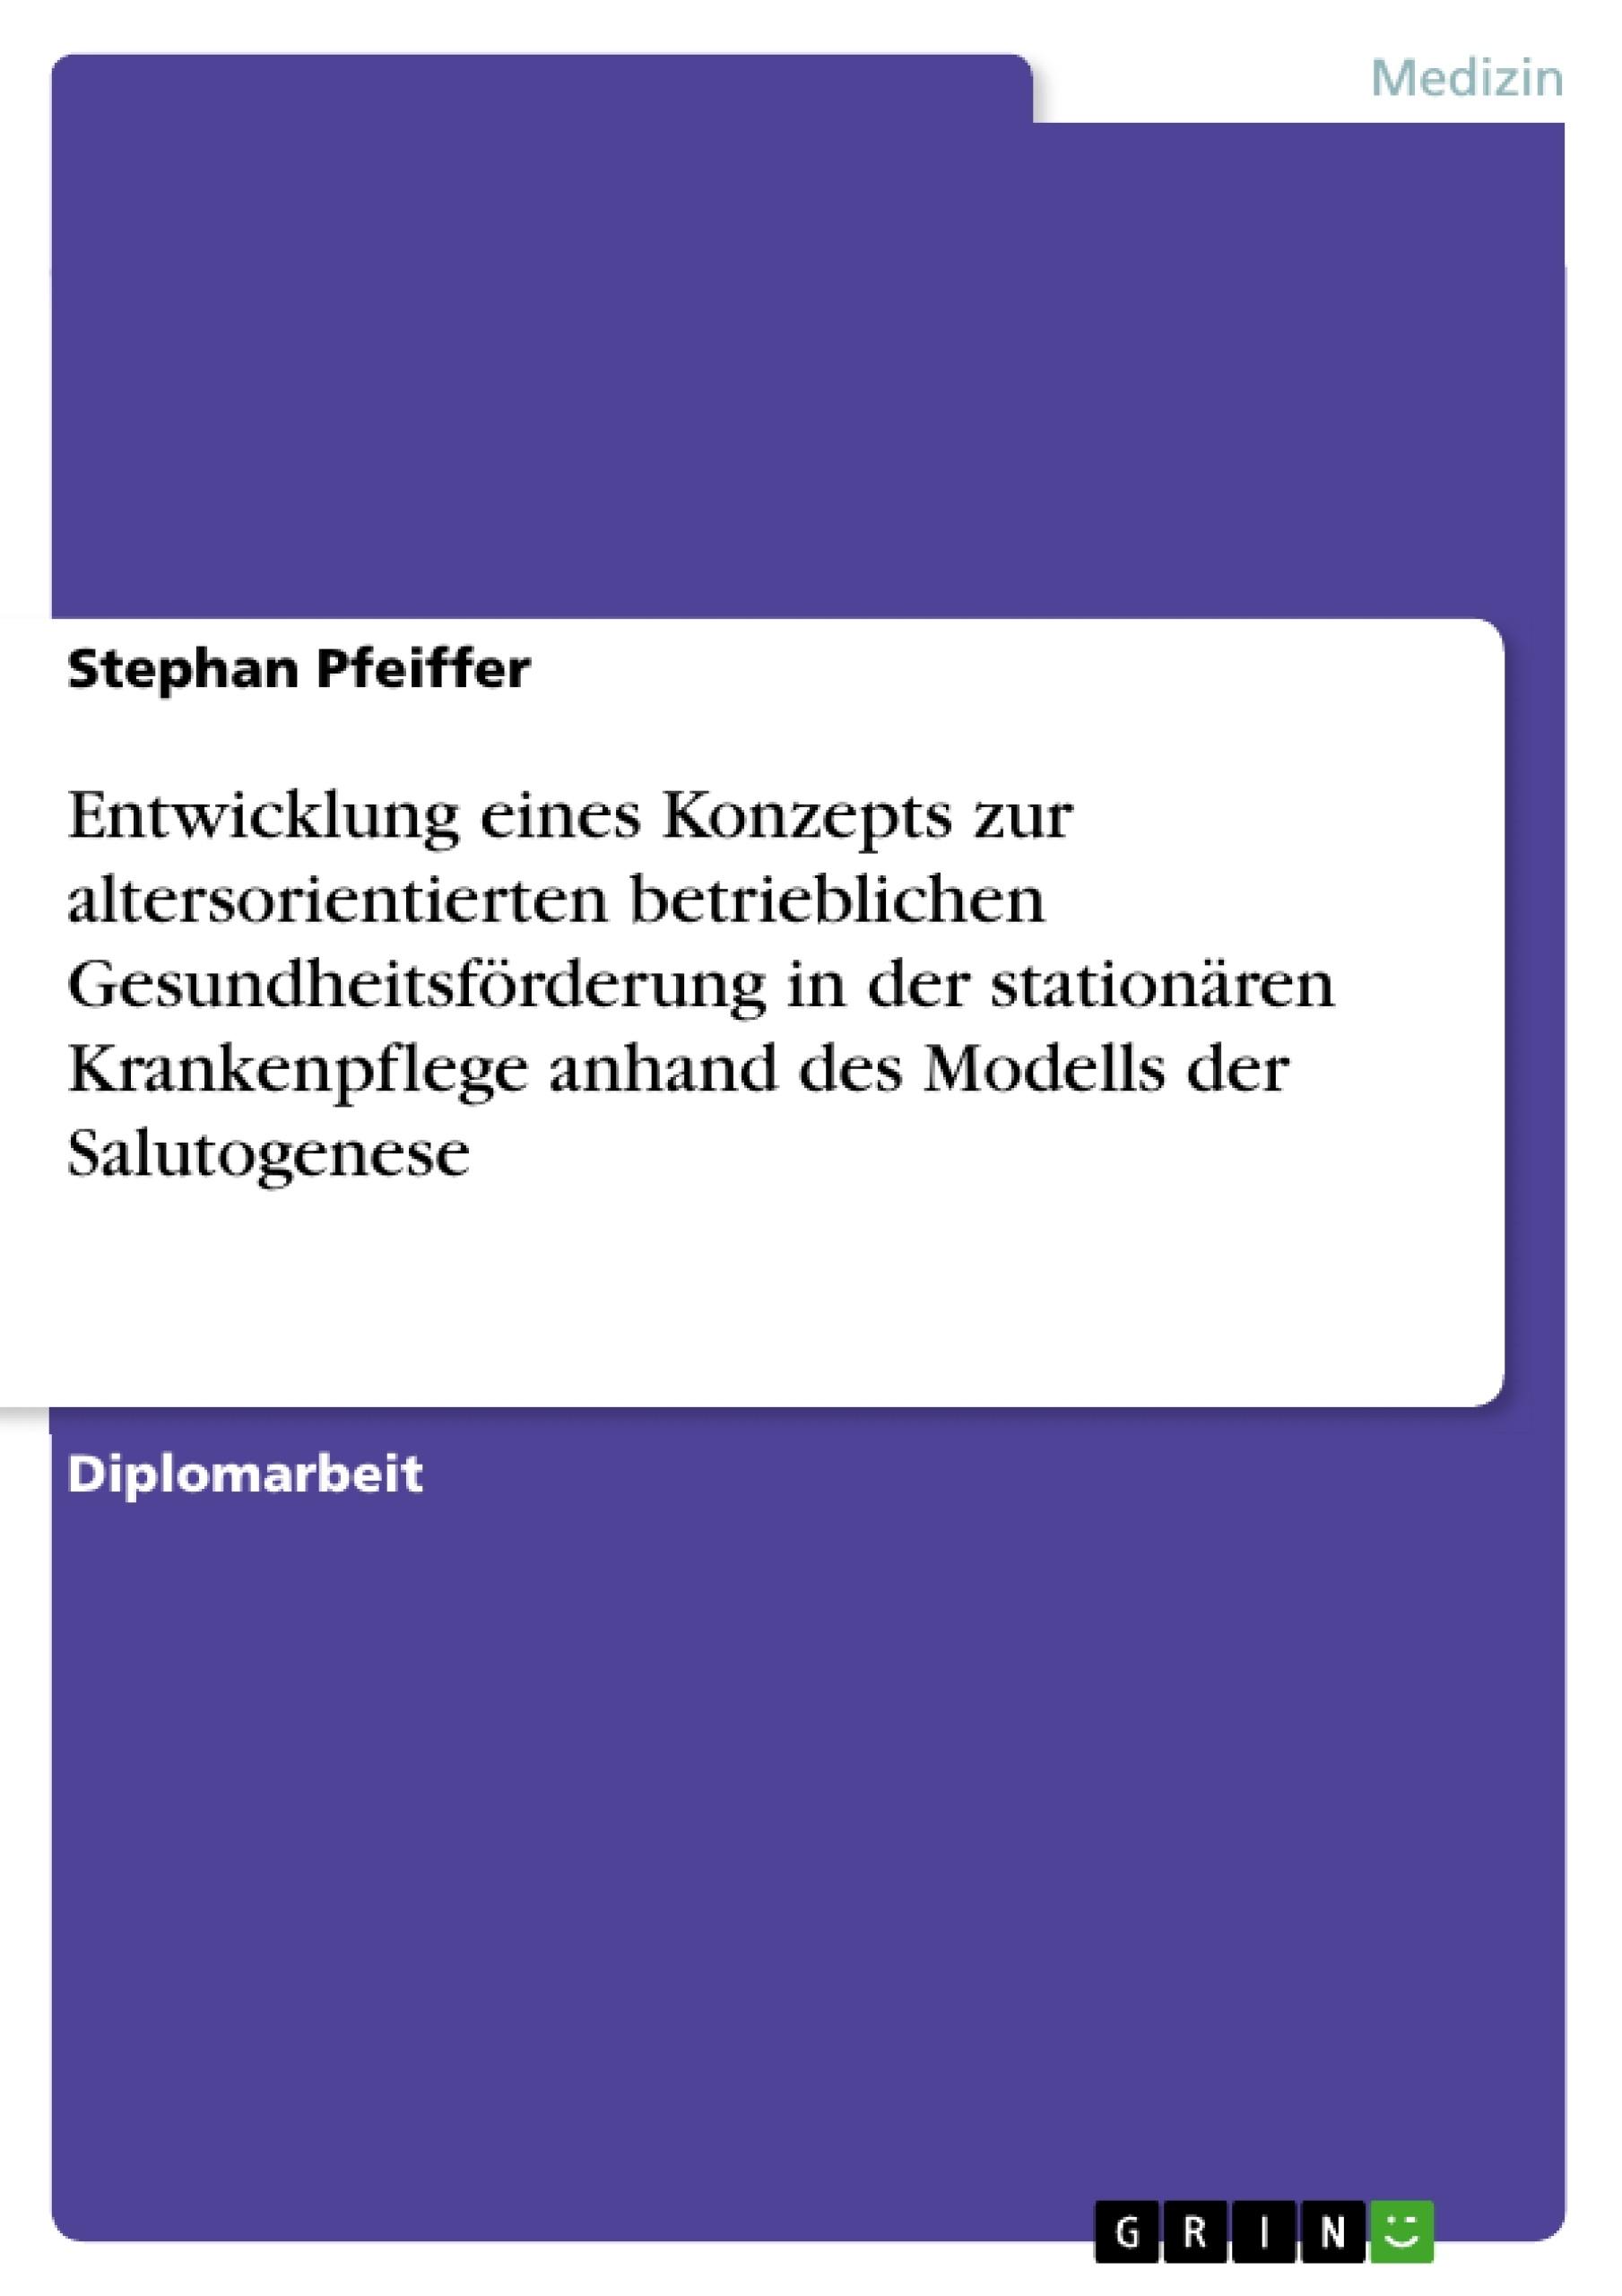 Titel: Entwicklung eines Konzepts zur altersorientierten betrieblichen Gesundheitsförderung in der stationären Krankenpflege anhand des Modells der Salutogenese